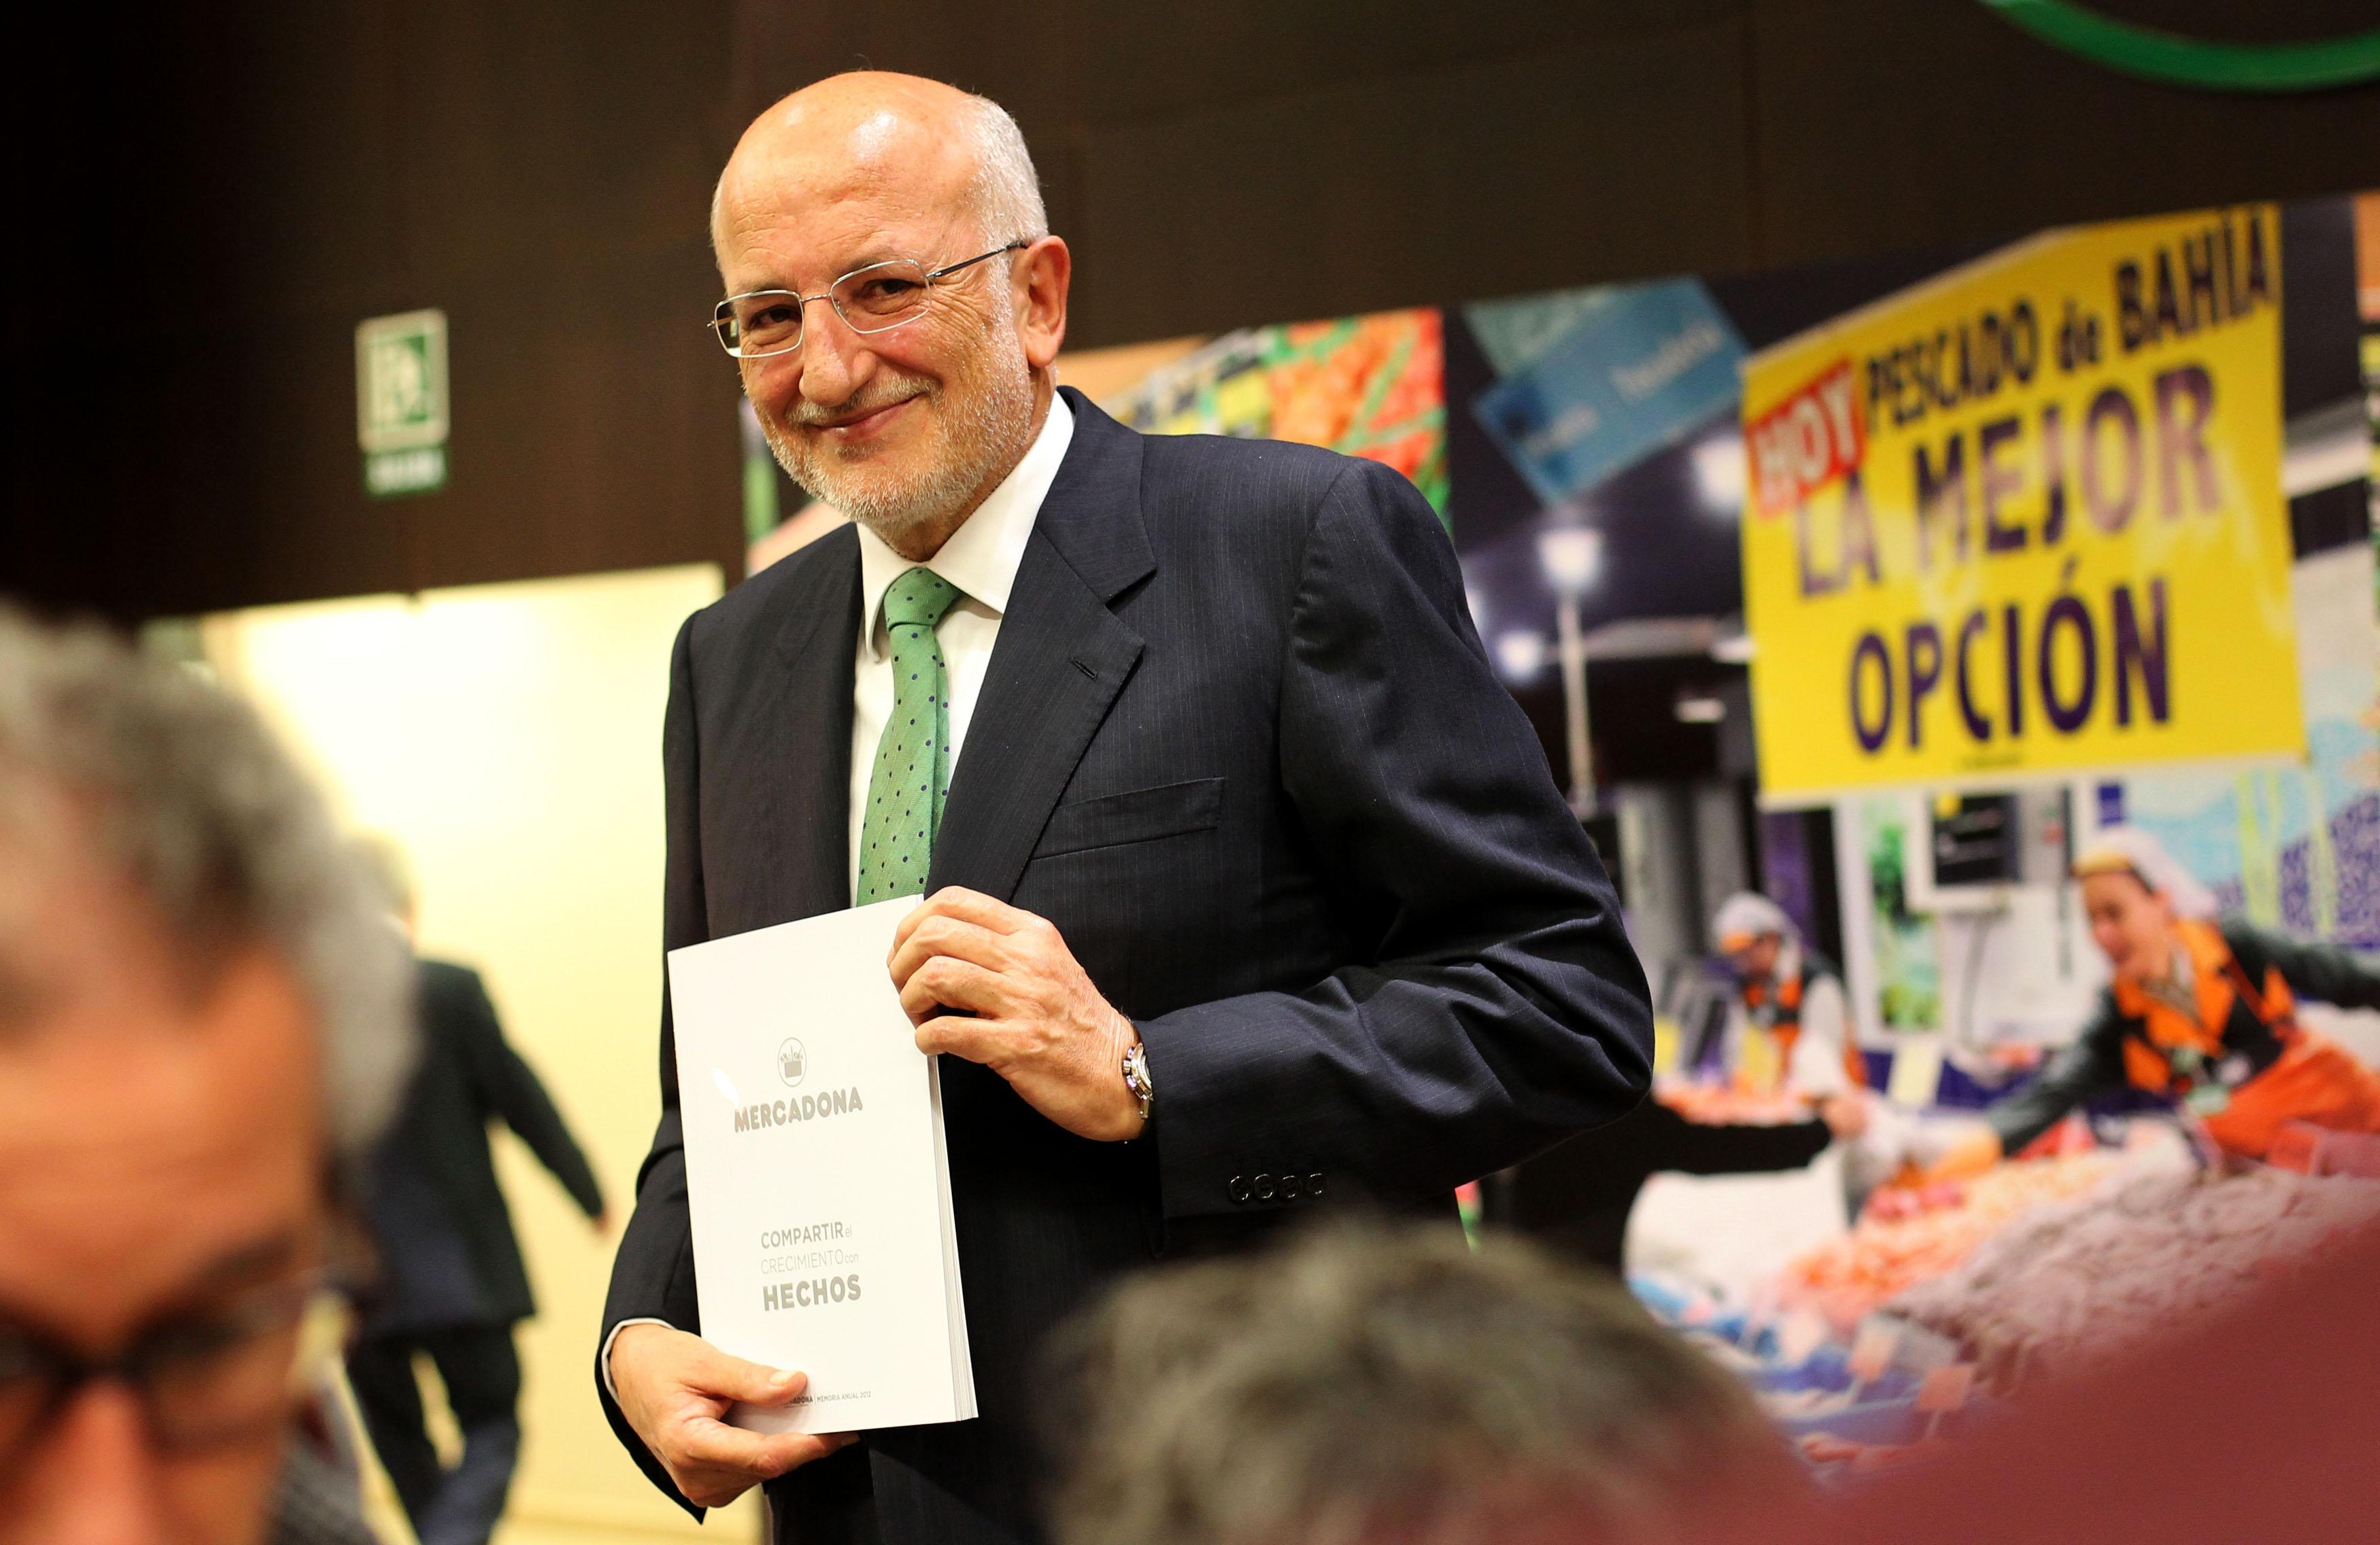 mercadona ganó 508 millones de euros en 2012